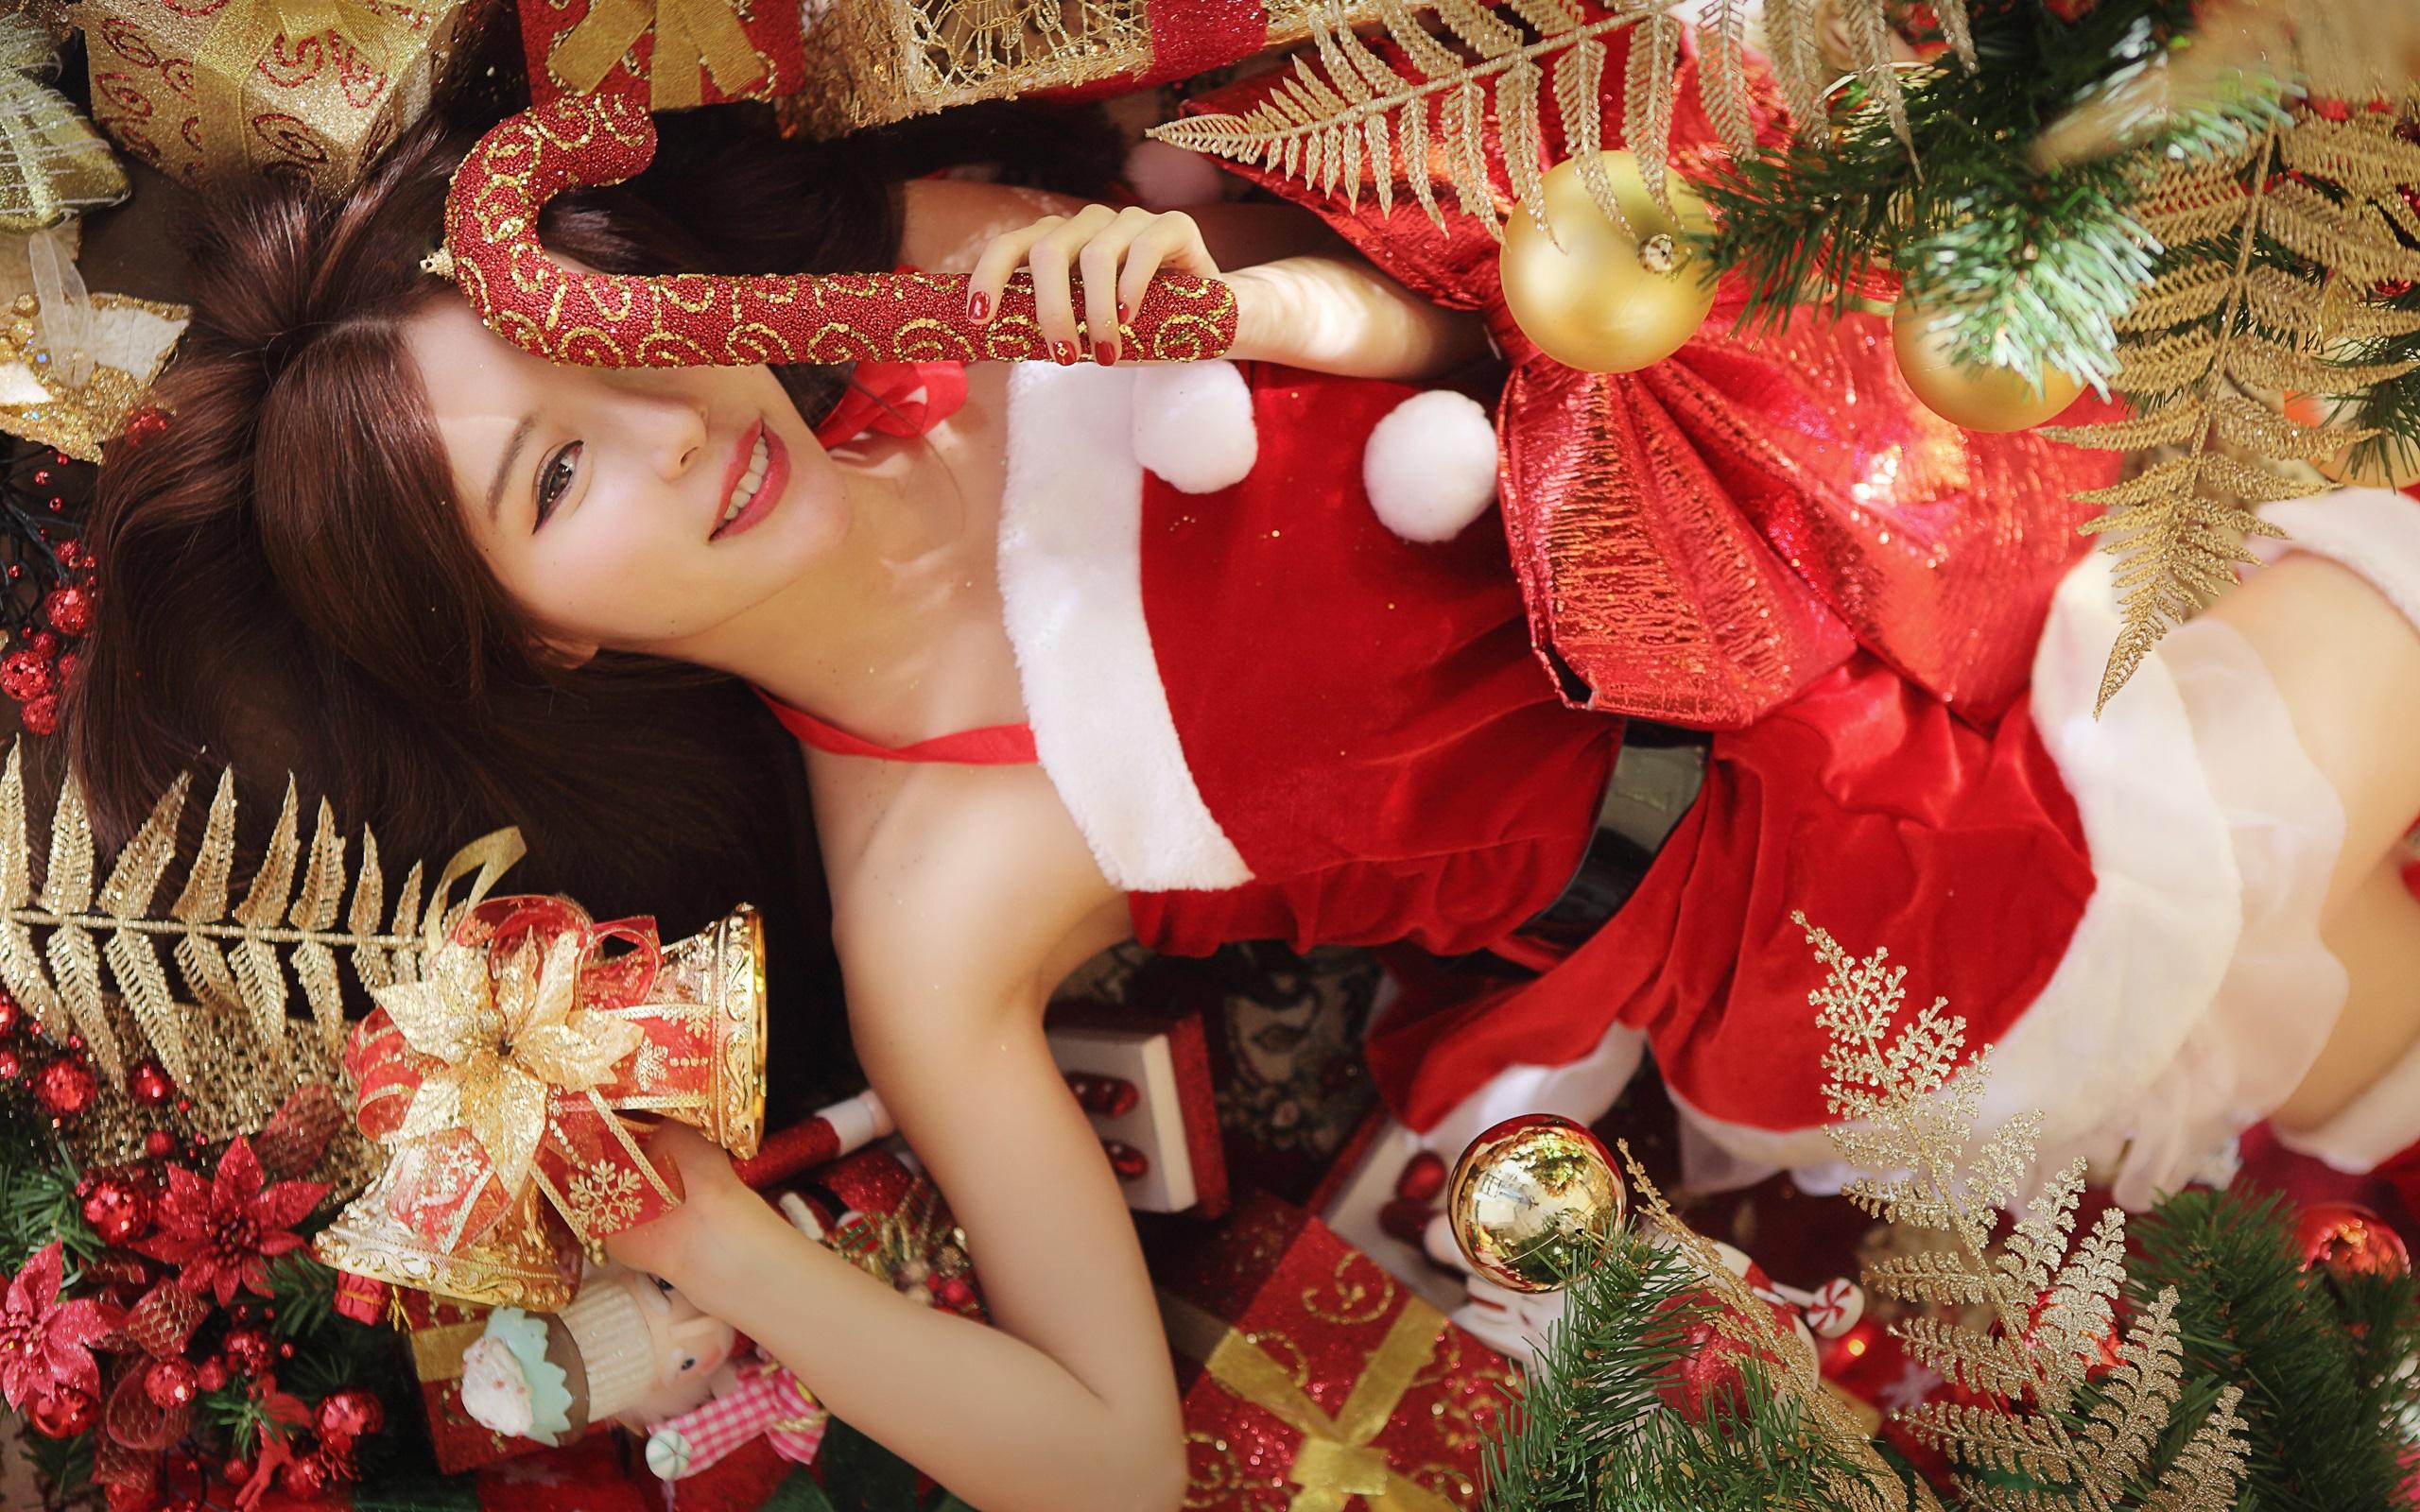 Weihnachten m 228 dchen roten kleid lange haare hintergrundbilder